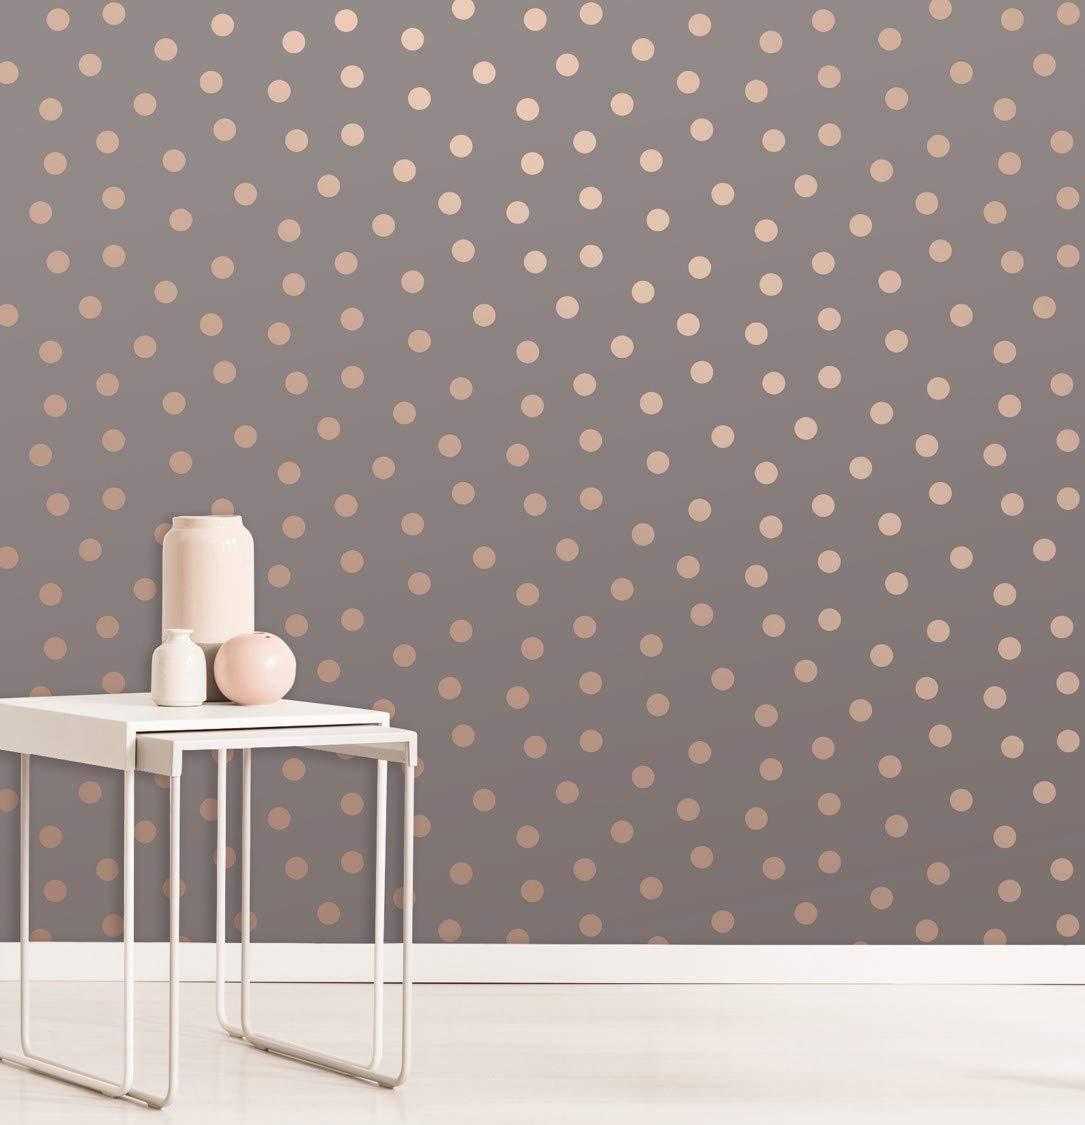 Fine D/écor M1493 Starlight Spots Charcoal Papier peint Marron